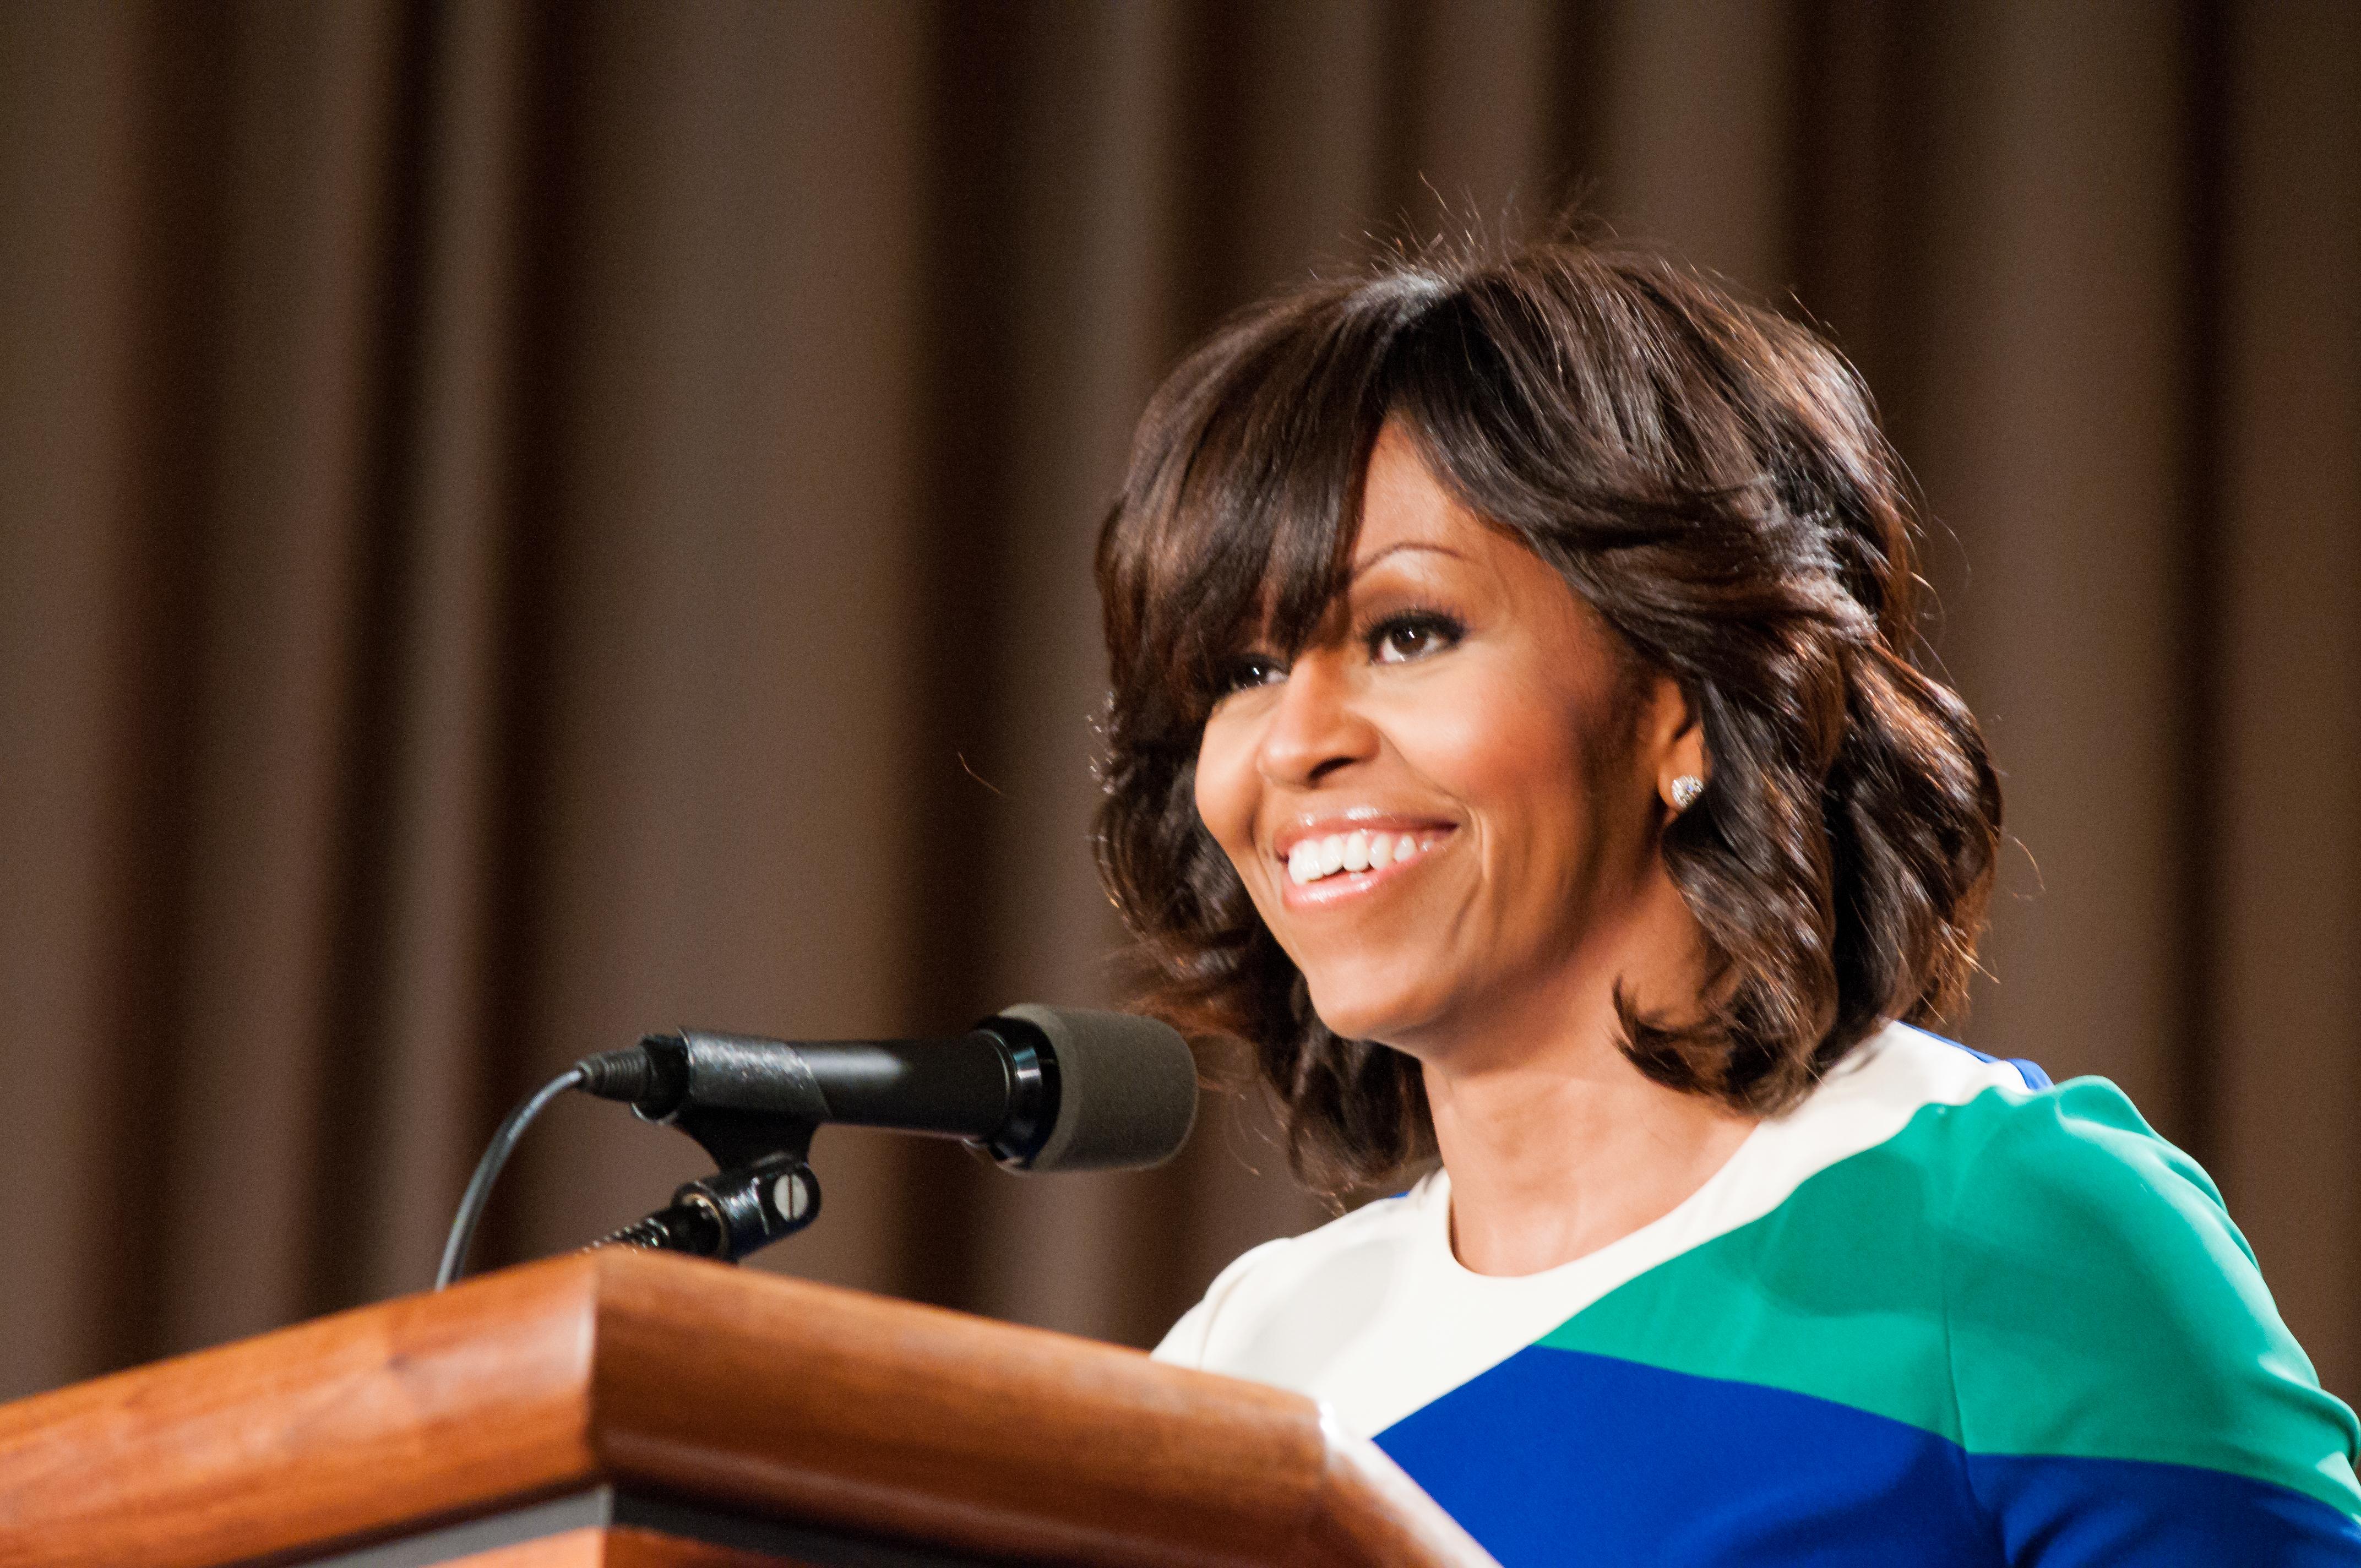 Michelle Obama visita Toronto en noviembre en conferencia para mujeres jóvenes